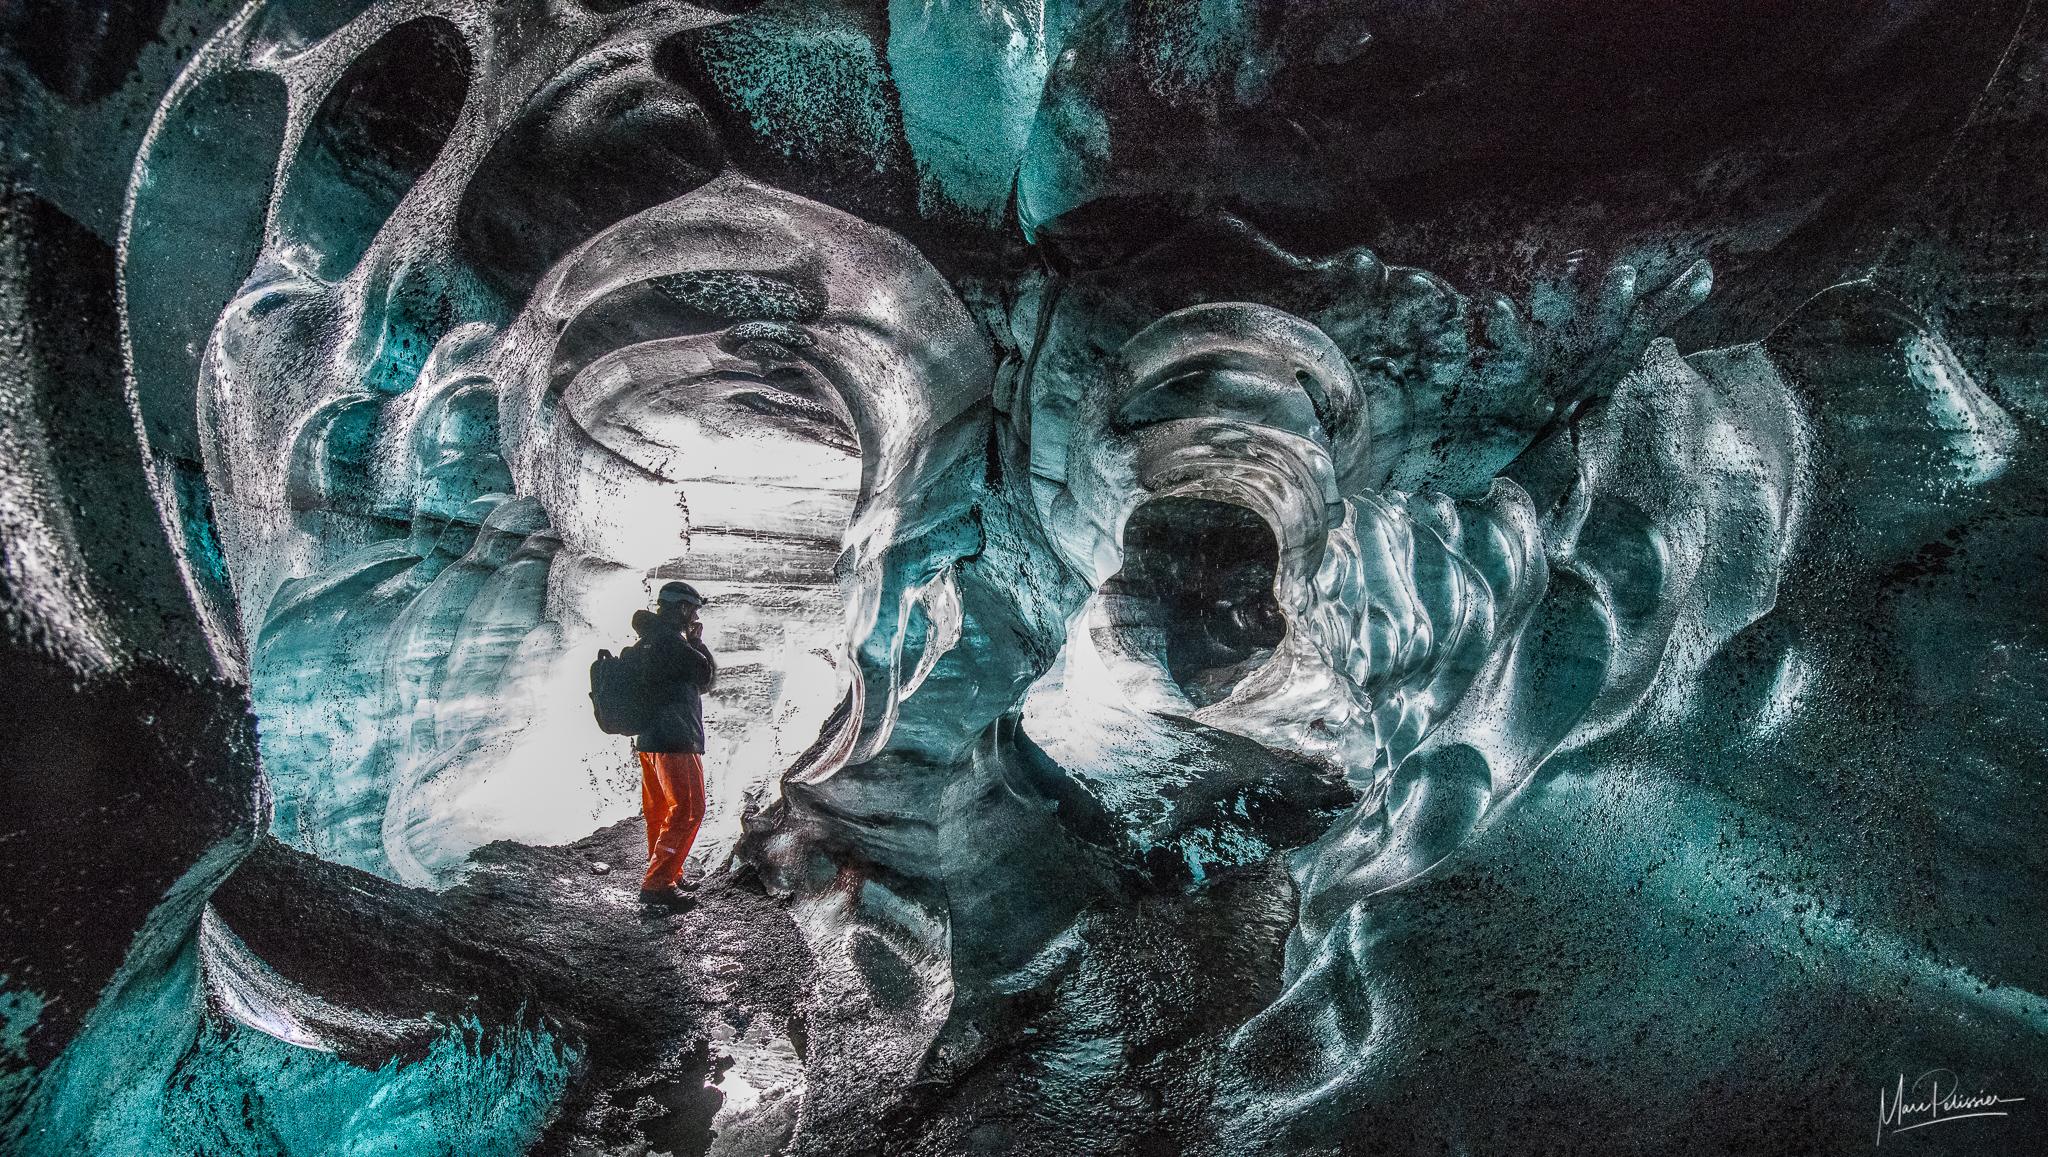 Katla ice cave, Iceland